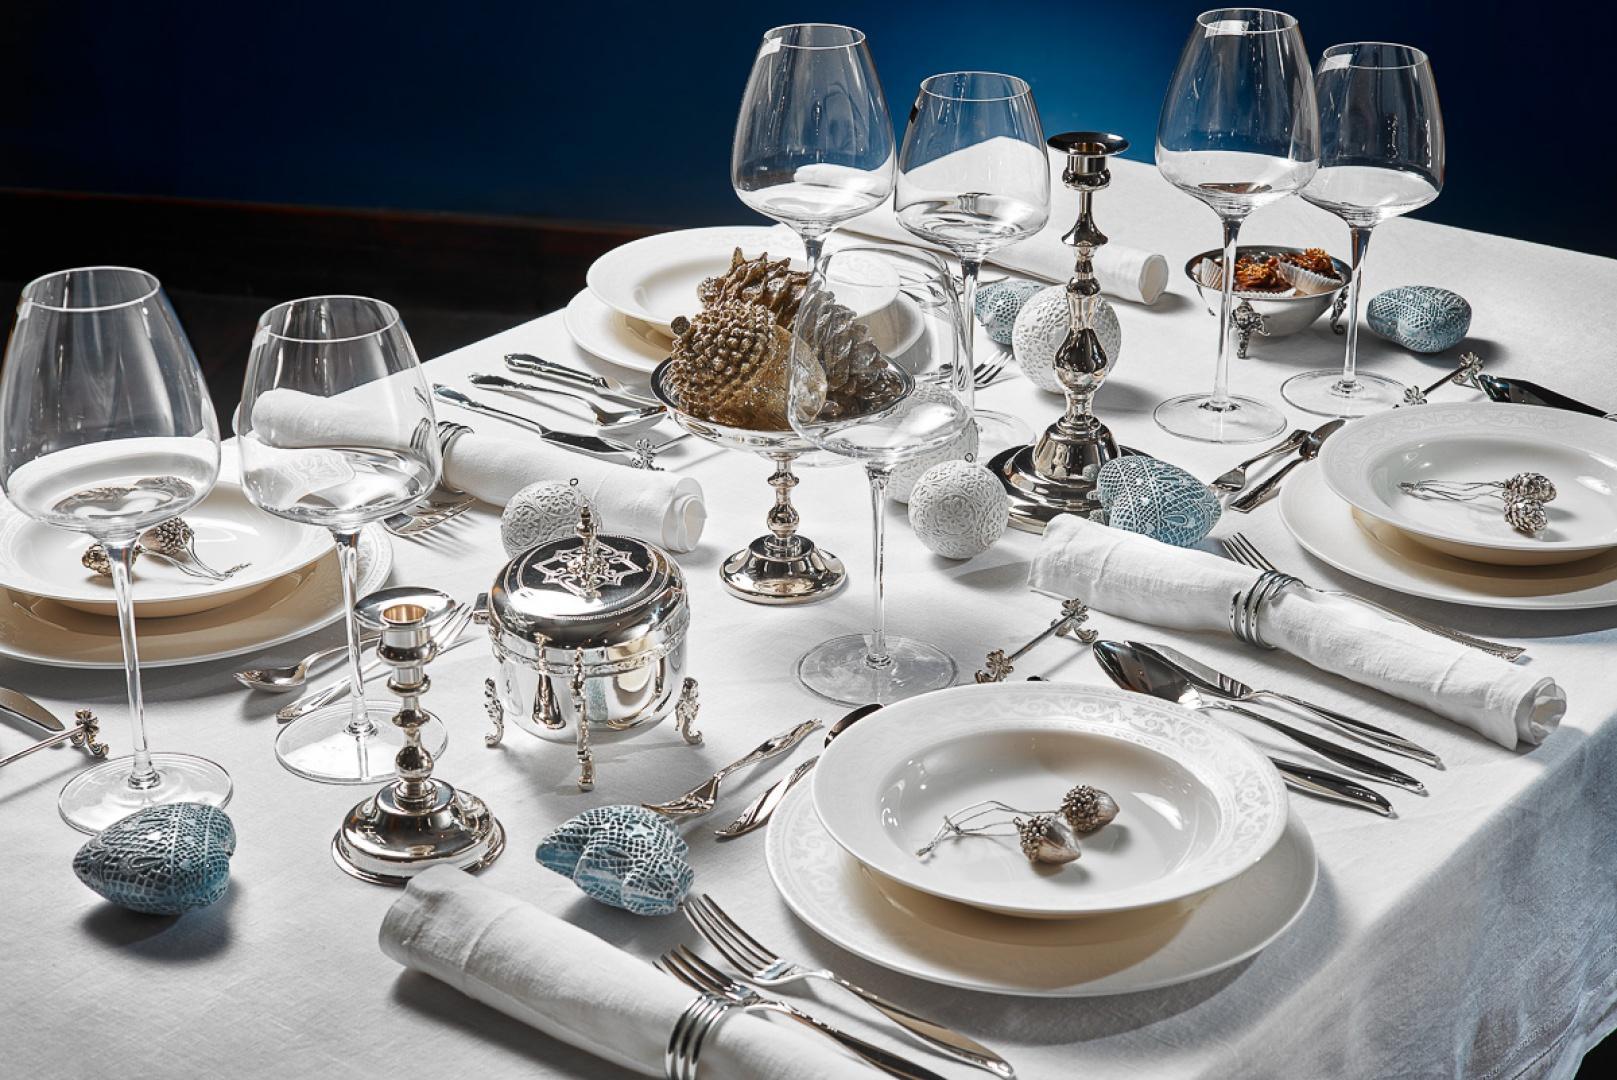 Piękny świąteczny stół, na którym pierwsze skrzypce gra biel, zamknięta w srebrzyste akcenty. Biały obrus, porcelana i serwetki pięknie harmonizują ze srebrnymi świecznikami i dekoracyjnymi bombkami w kolorze srebrnoniebieskim i białym. Fot. Herfa Fabryka Platerów.